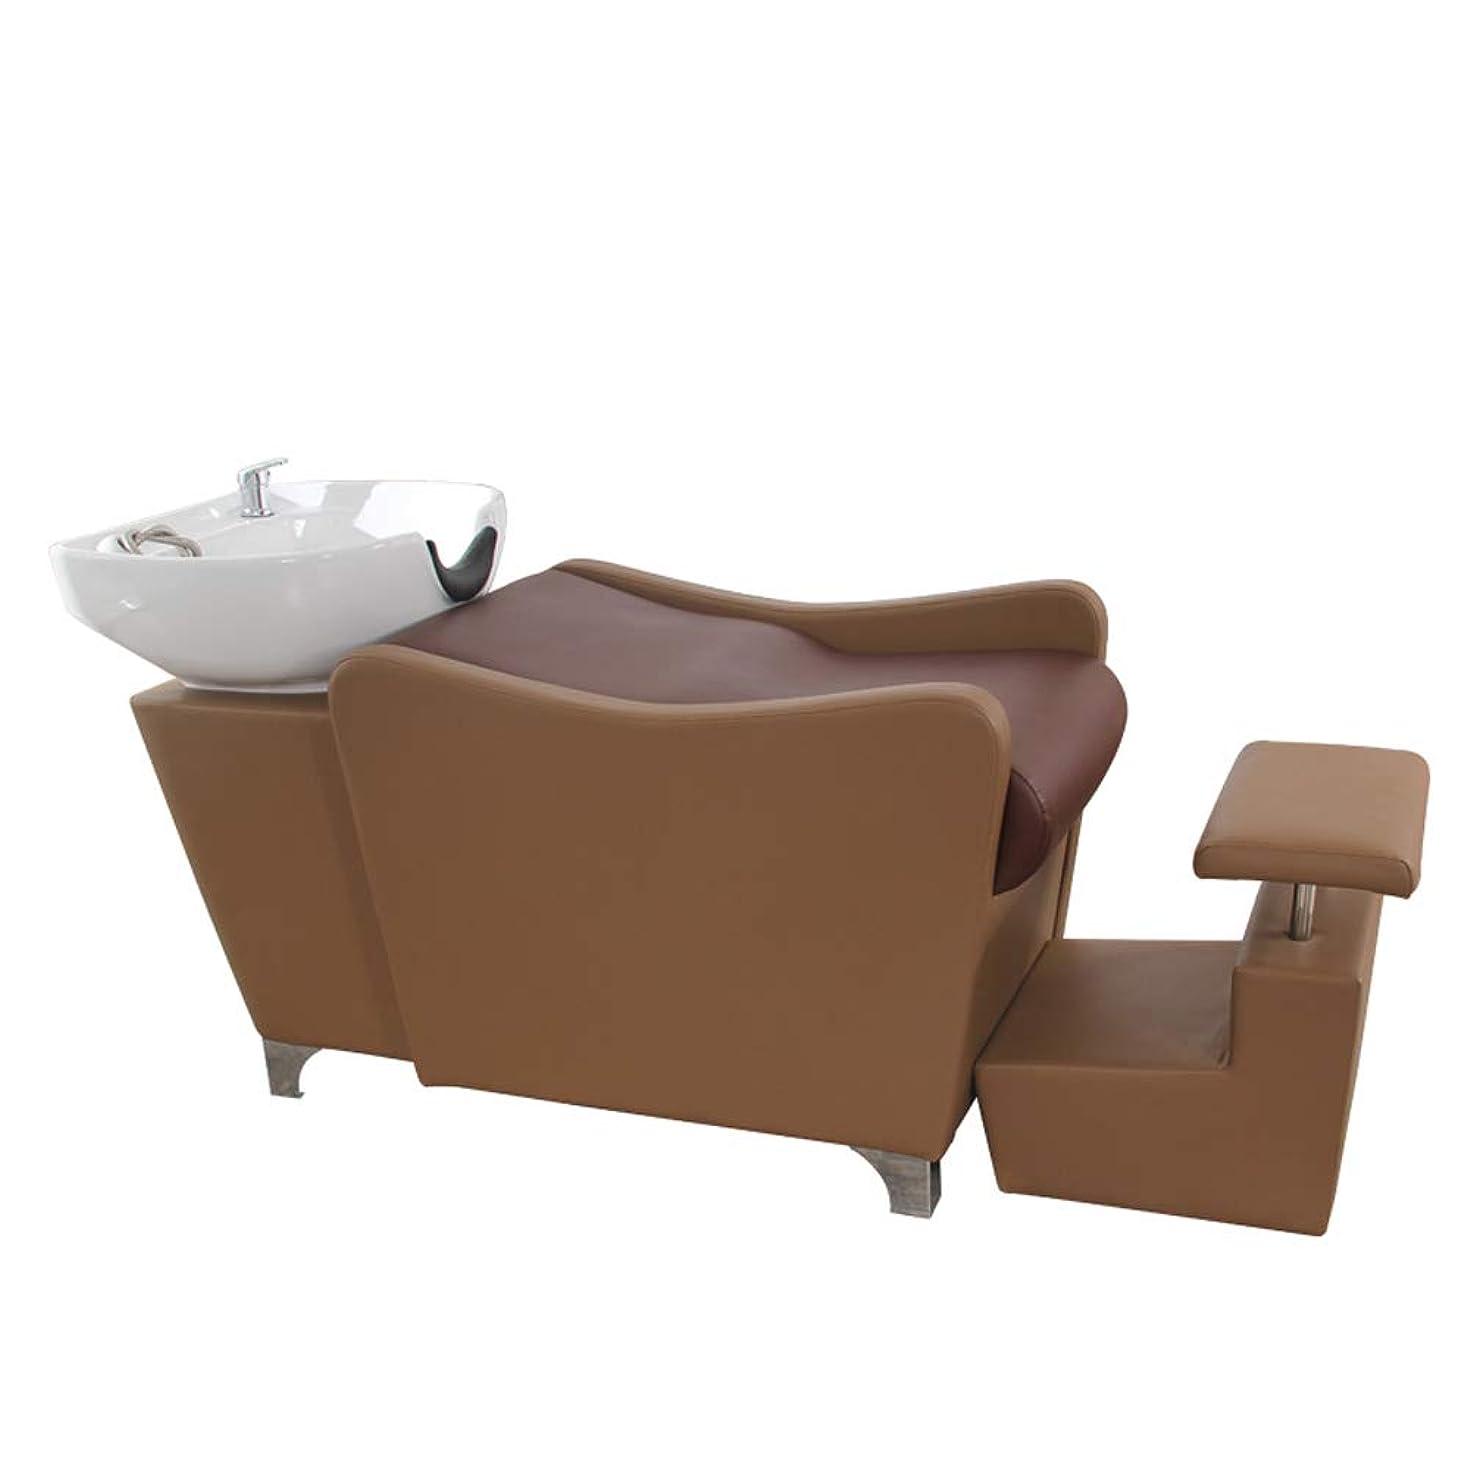 マイクロ意欲モンゴメリーシャンプーチェア、理髪店の逆洗ユニットシャンプーボウル理髪シンクの椅子用スパ美容院機器(ブラウン)